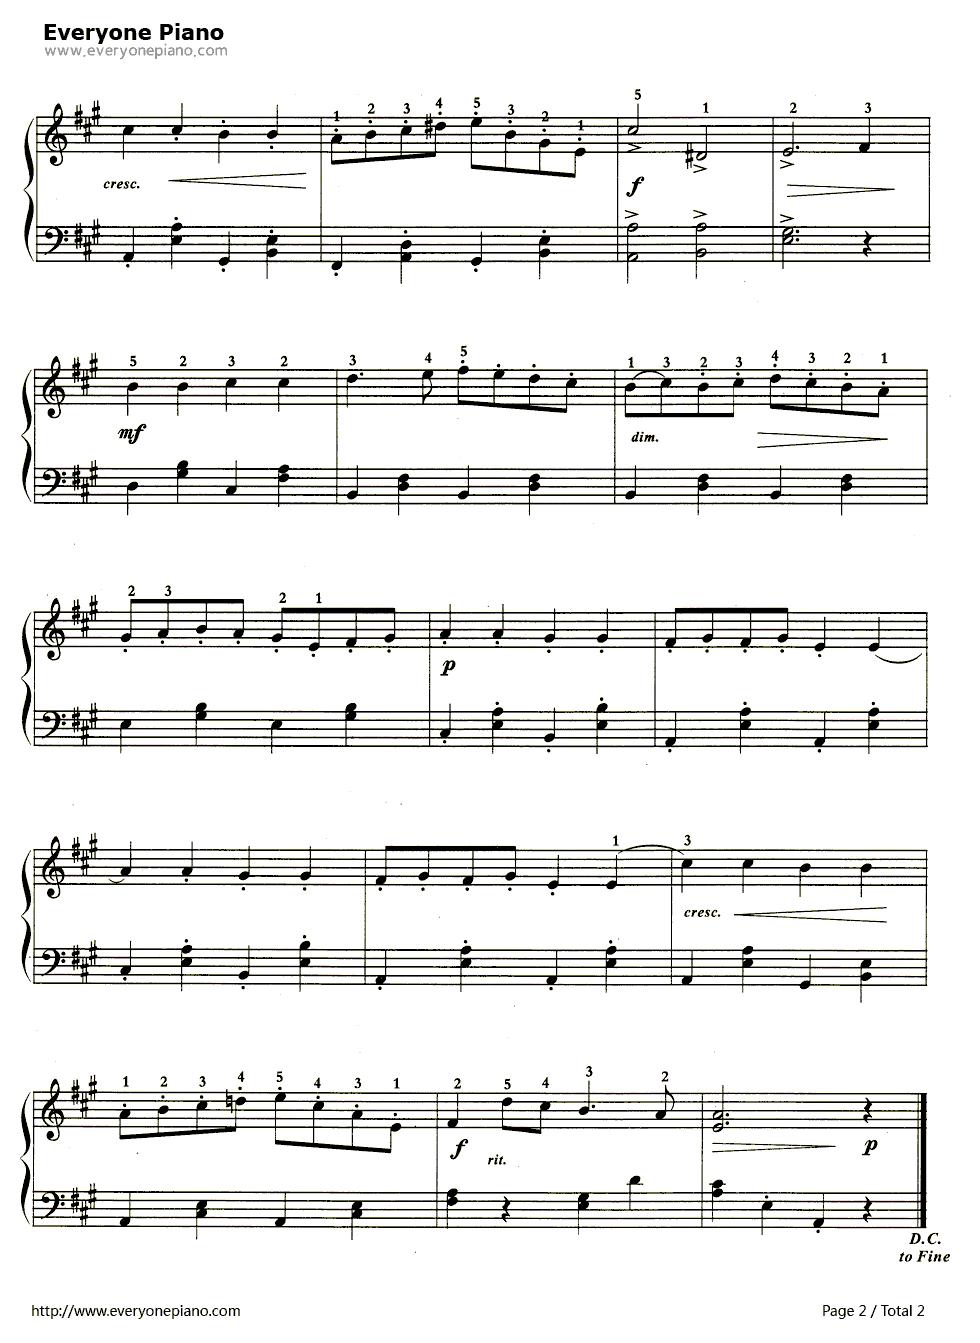 钢琴曲谱 经典 金婚曲—加布瑞尔马利代表作之一 金婚曲—加布瑞尔马